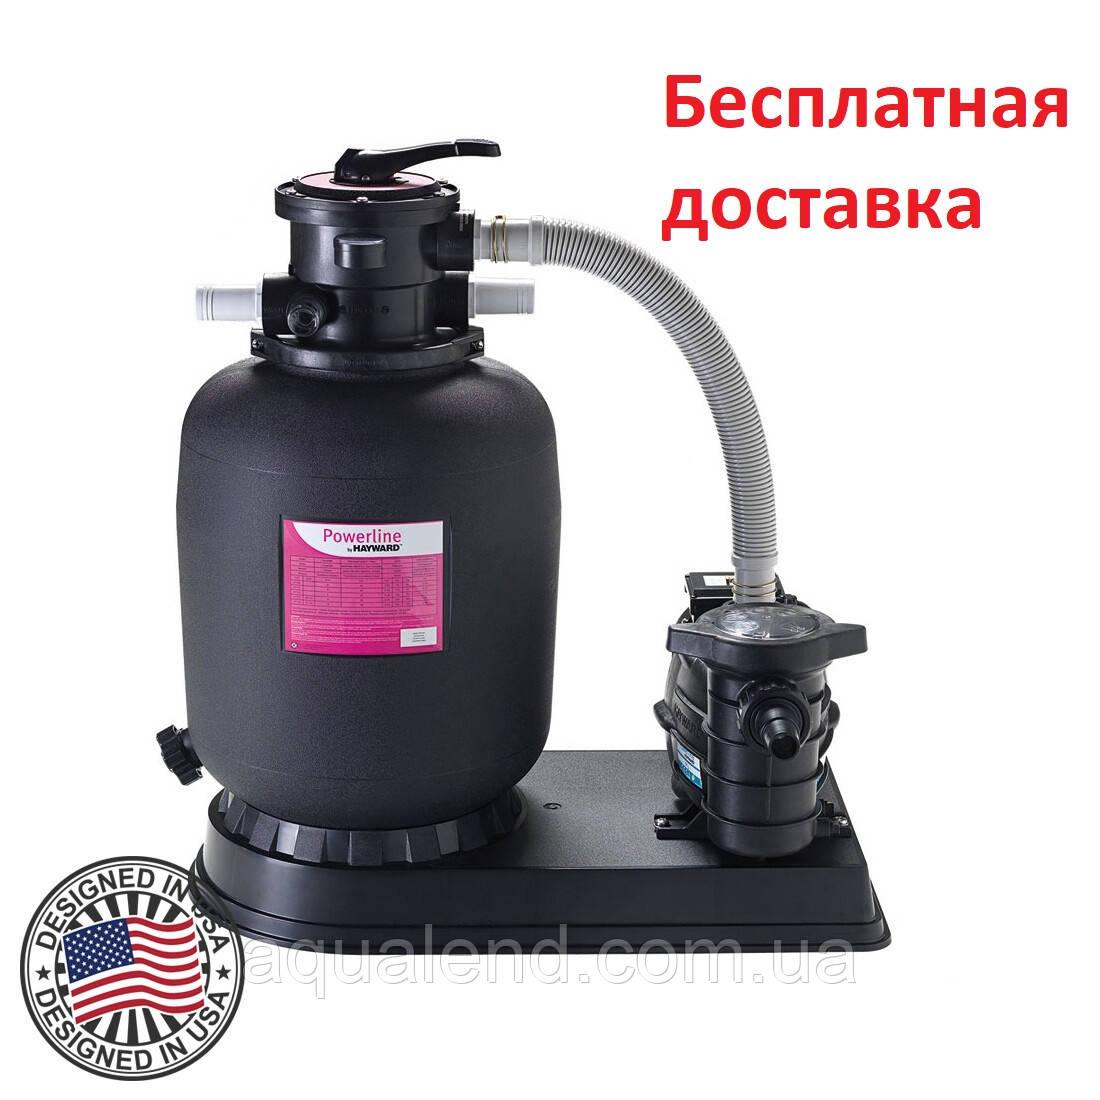 Песочная фильтрационная установка Hayward PowerLine 81069 (5 м3/ч, D368)